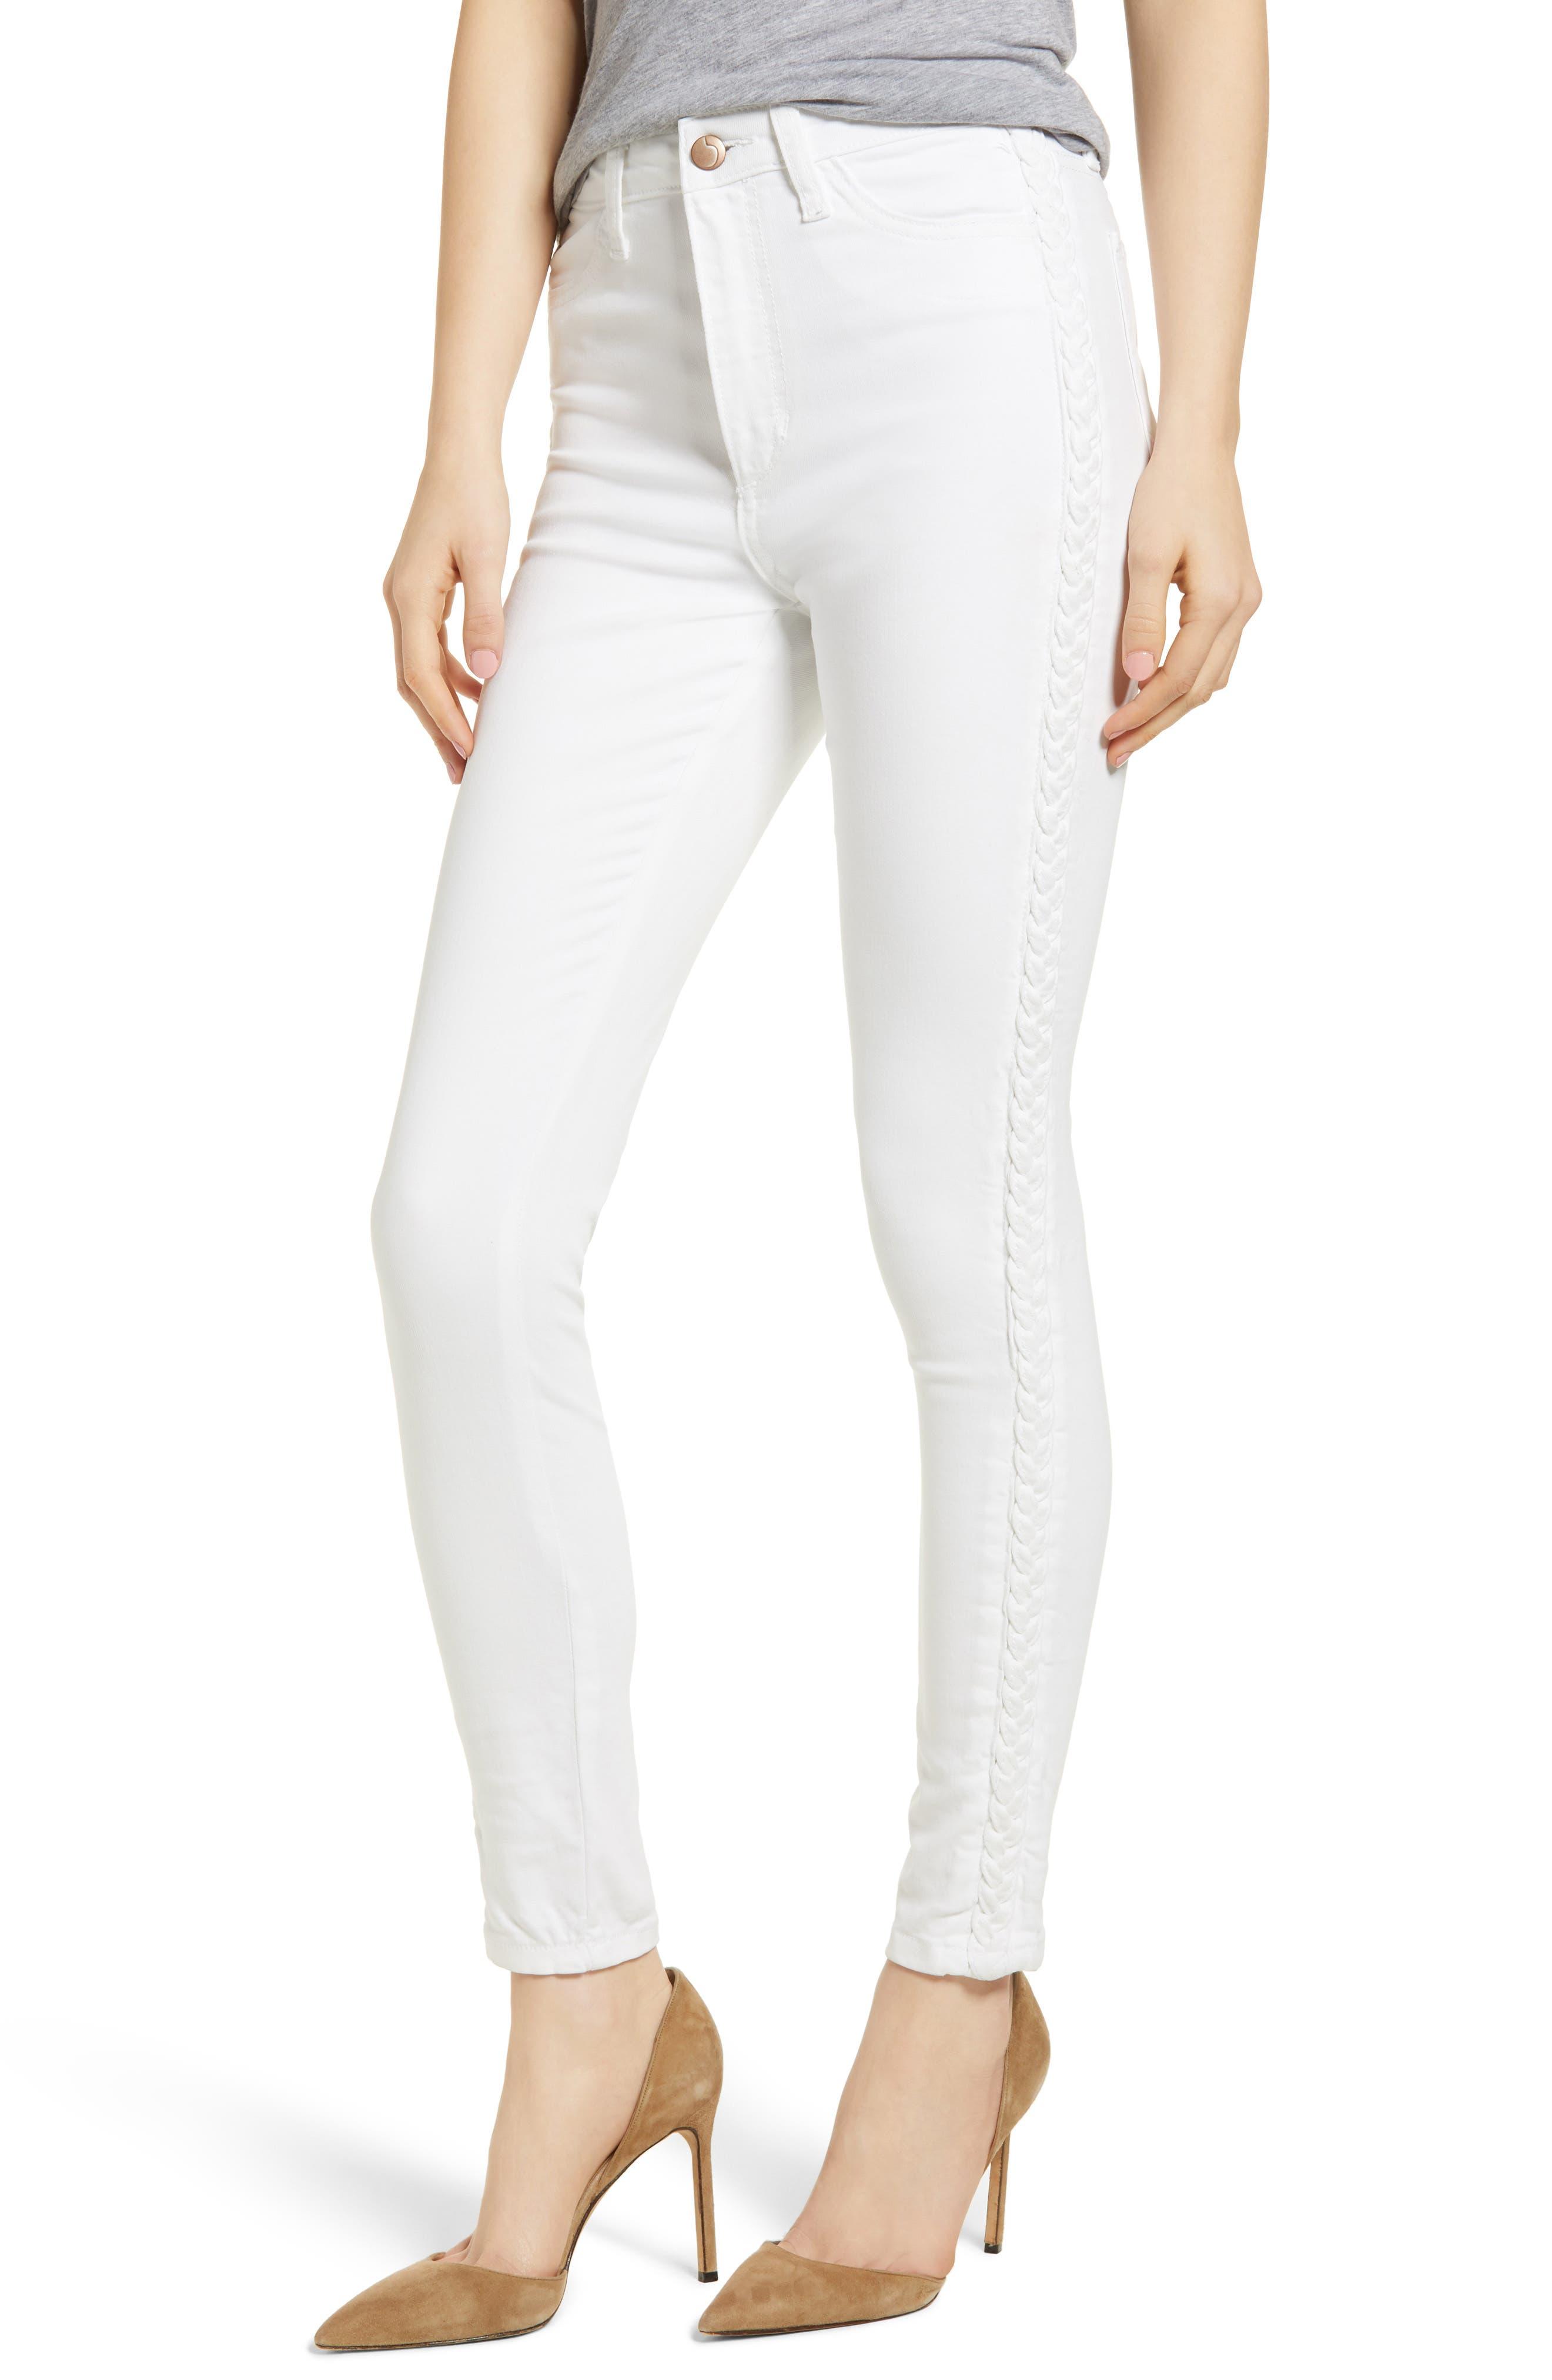 Charlie High Waist Skinny Jeans,                             Main thumbnail 1, color,                             Porscha